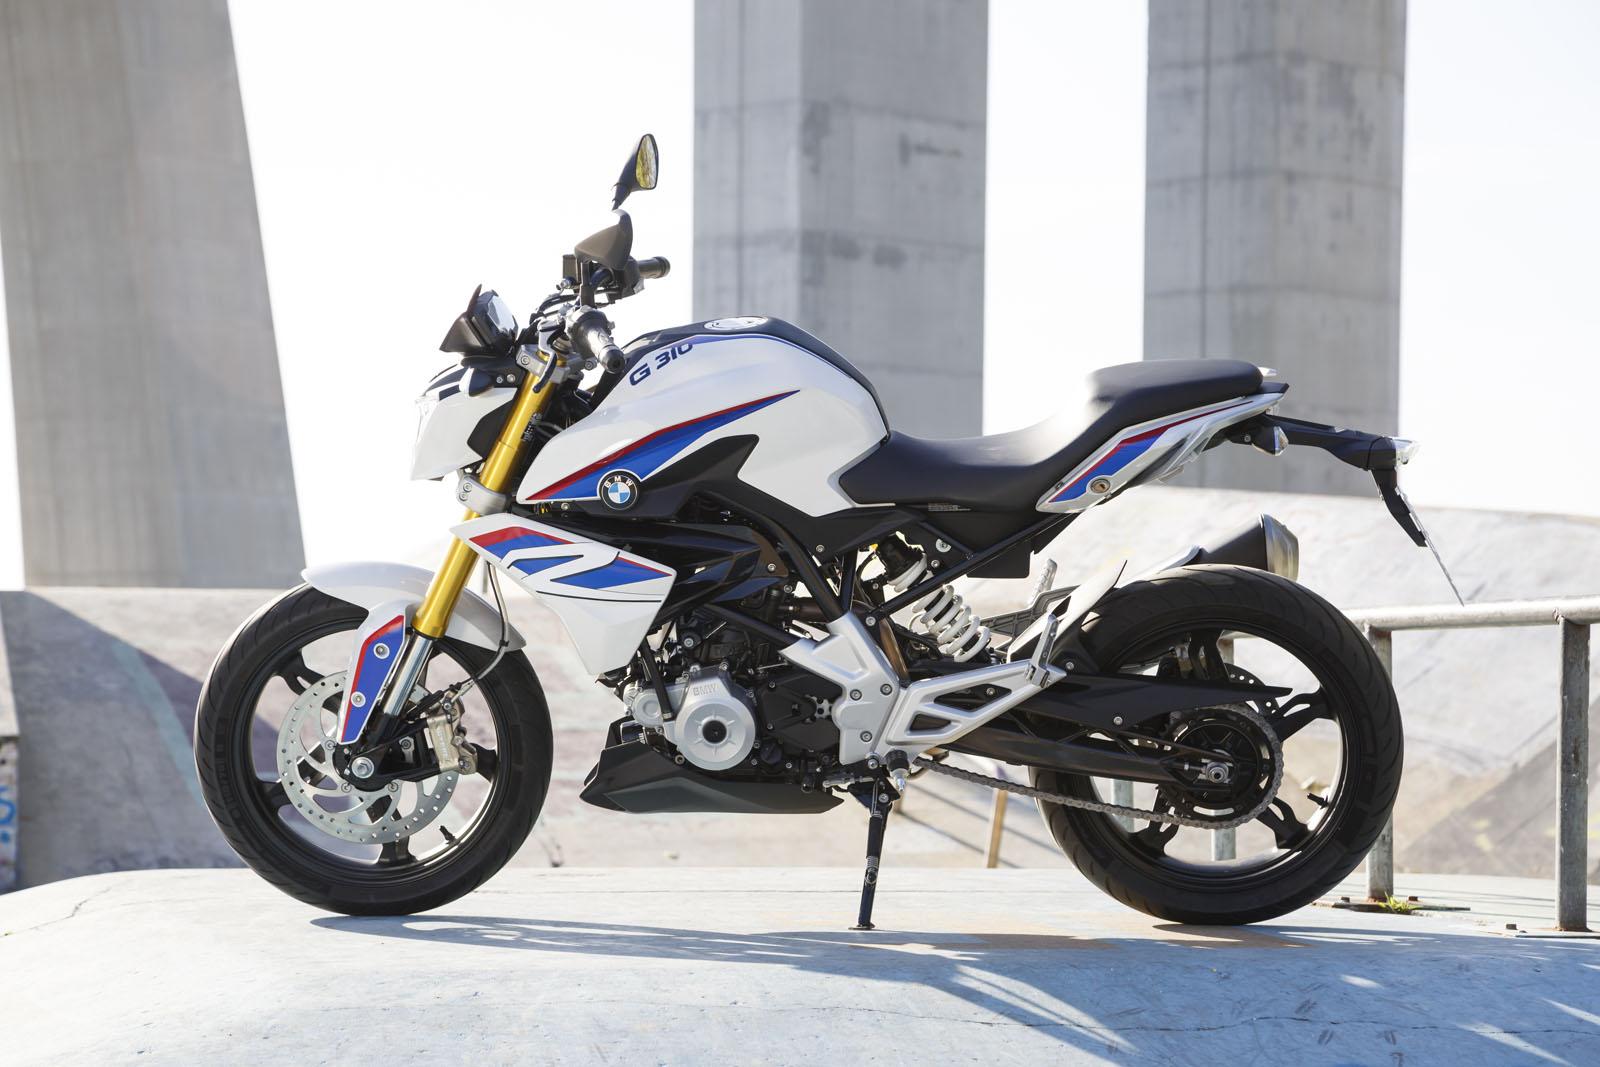 Ein Zylinder, geringes Gewicht, kraftvolle Dynamik: BMW G 310 R.